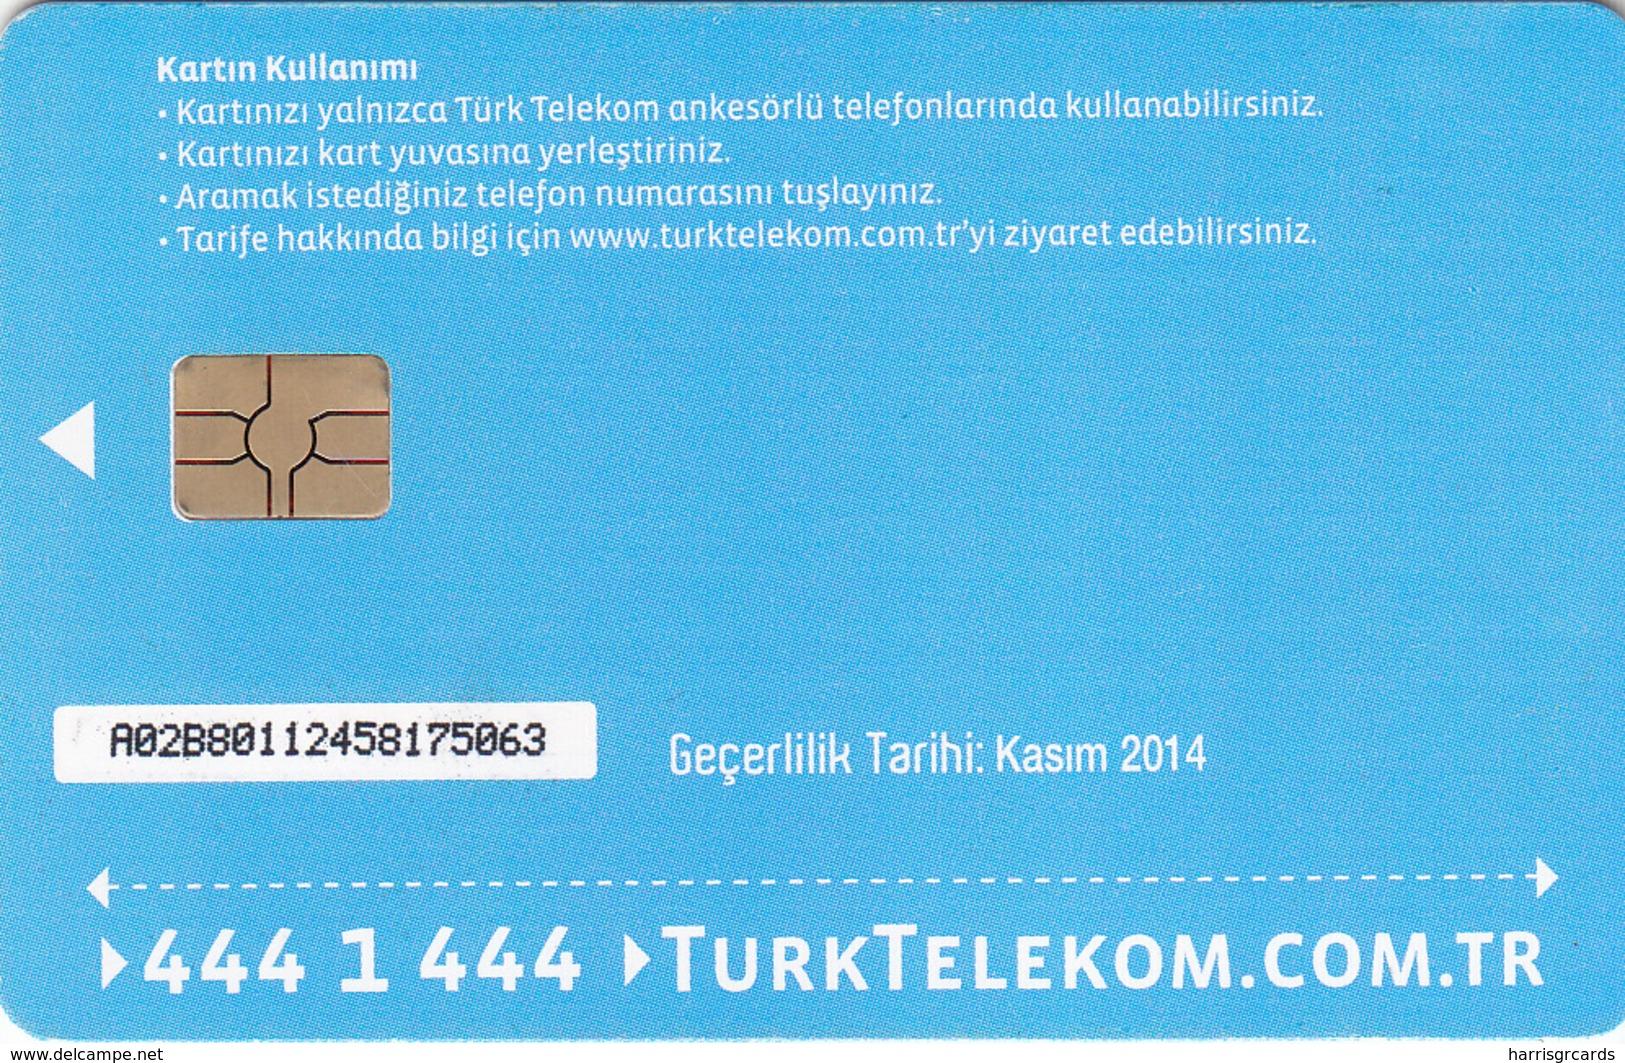 TURKEY - Tüm Aramalar İçin Arama Kartı , Kasım 2014, Gemplus - GEM5 (Red) , 4 ₤ - Turkish Lira ,06/12, Used - Türkei